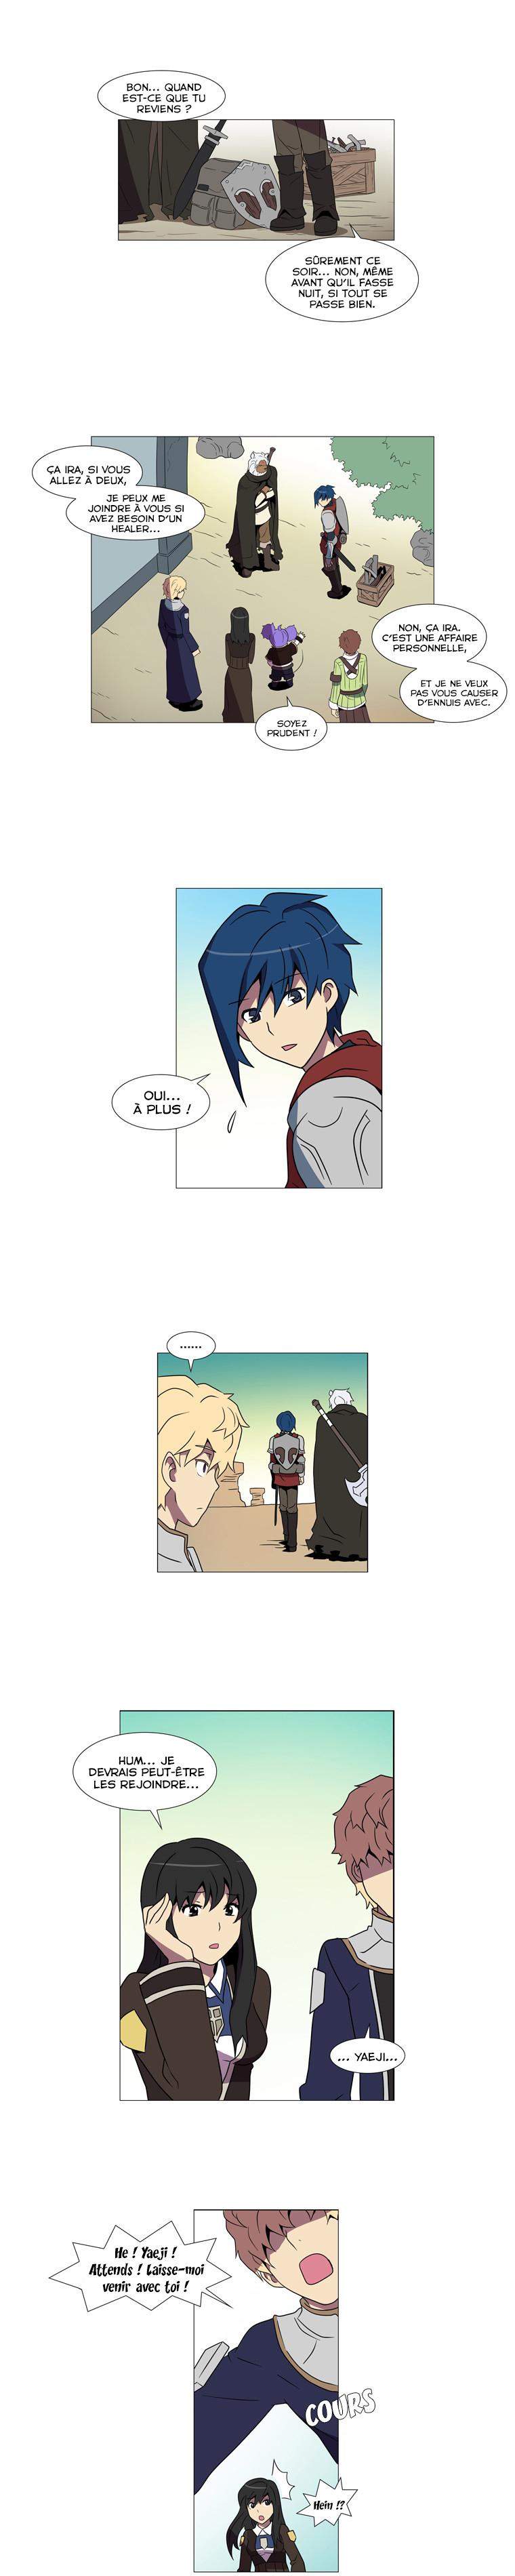 https://nine.mangadogs.com/fr_manga/pic1/5/2053/74656/LimeOdyssey22VF_0_502.jpg Page 1